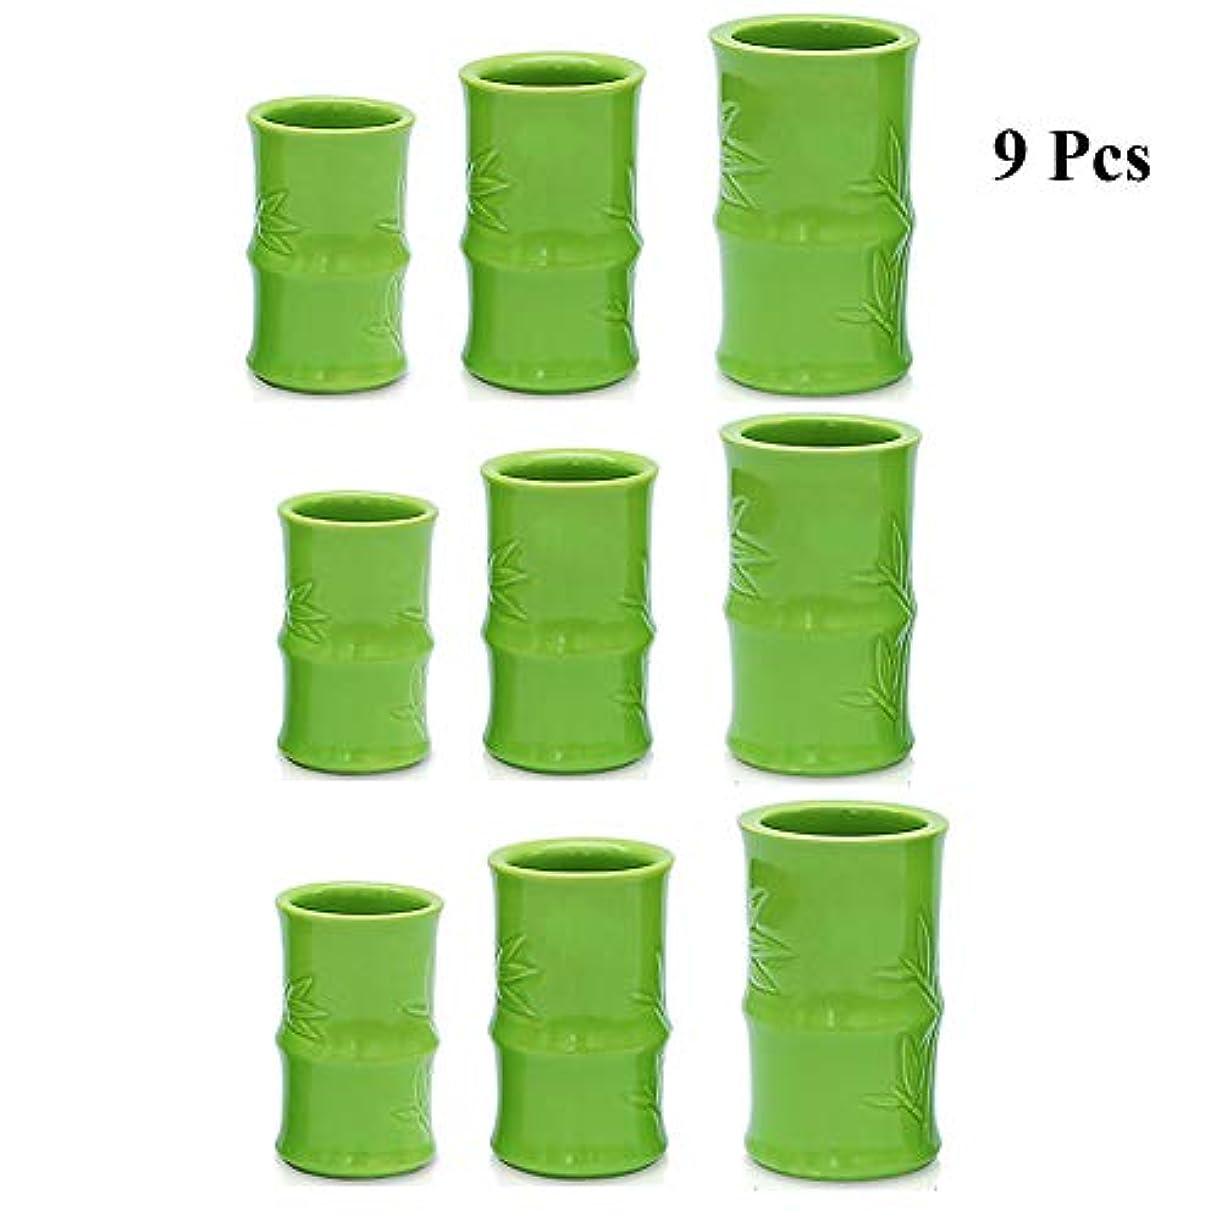 軍艦ペックスキャンダラス真空カッピングマッサージ缶 - セラミックスポットセラピーセット - 鍼ボディセラピーセット,C9pcs